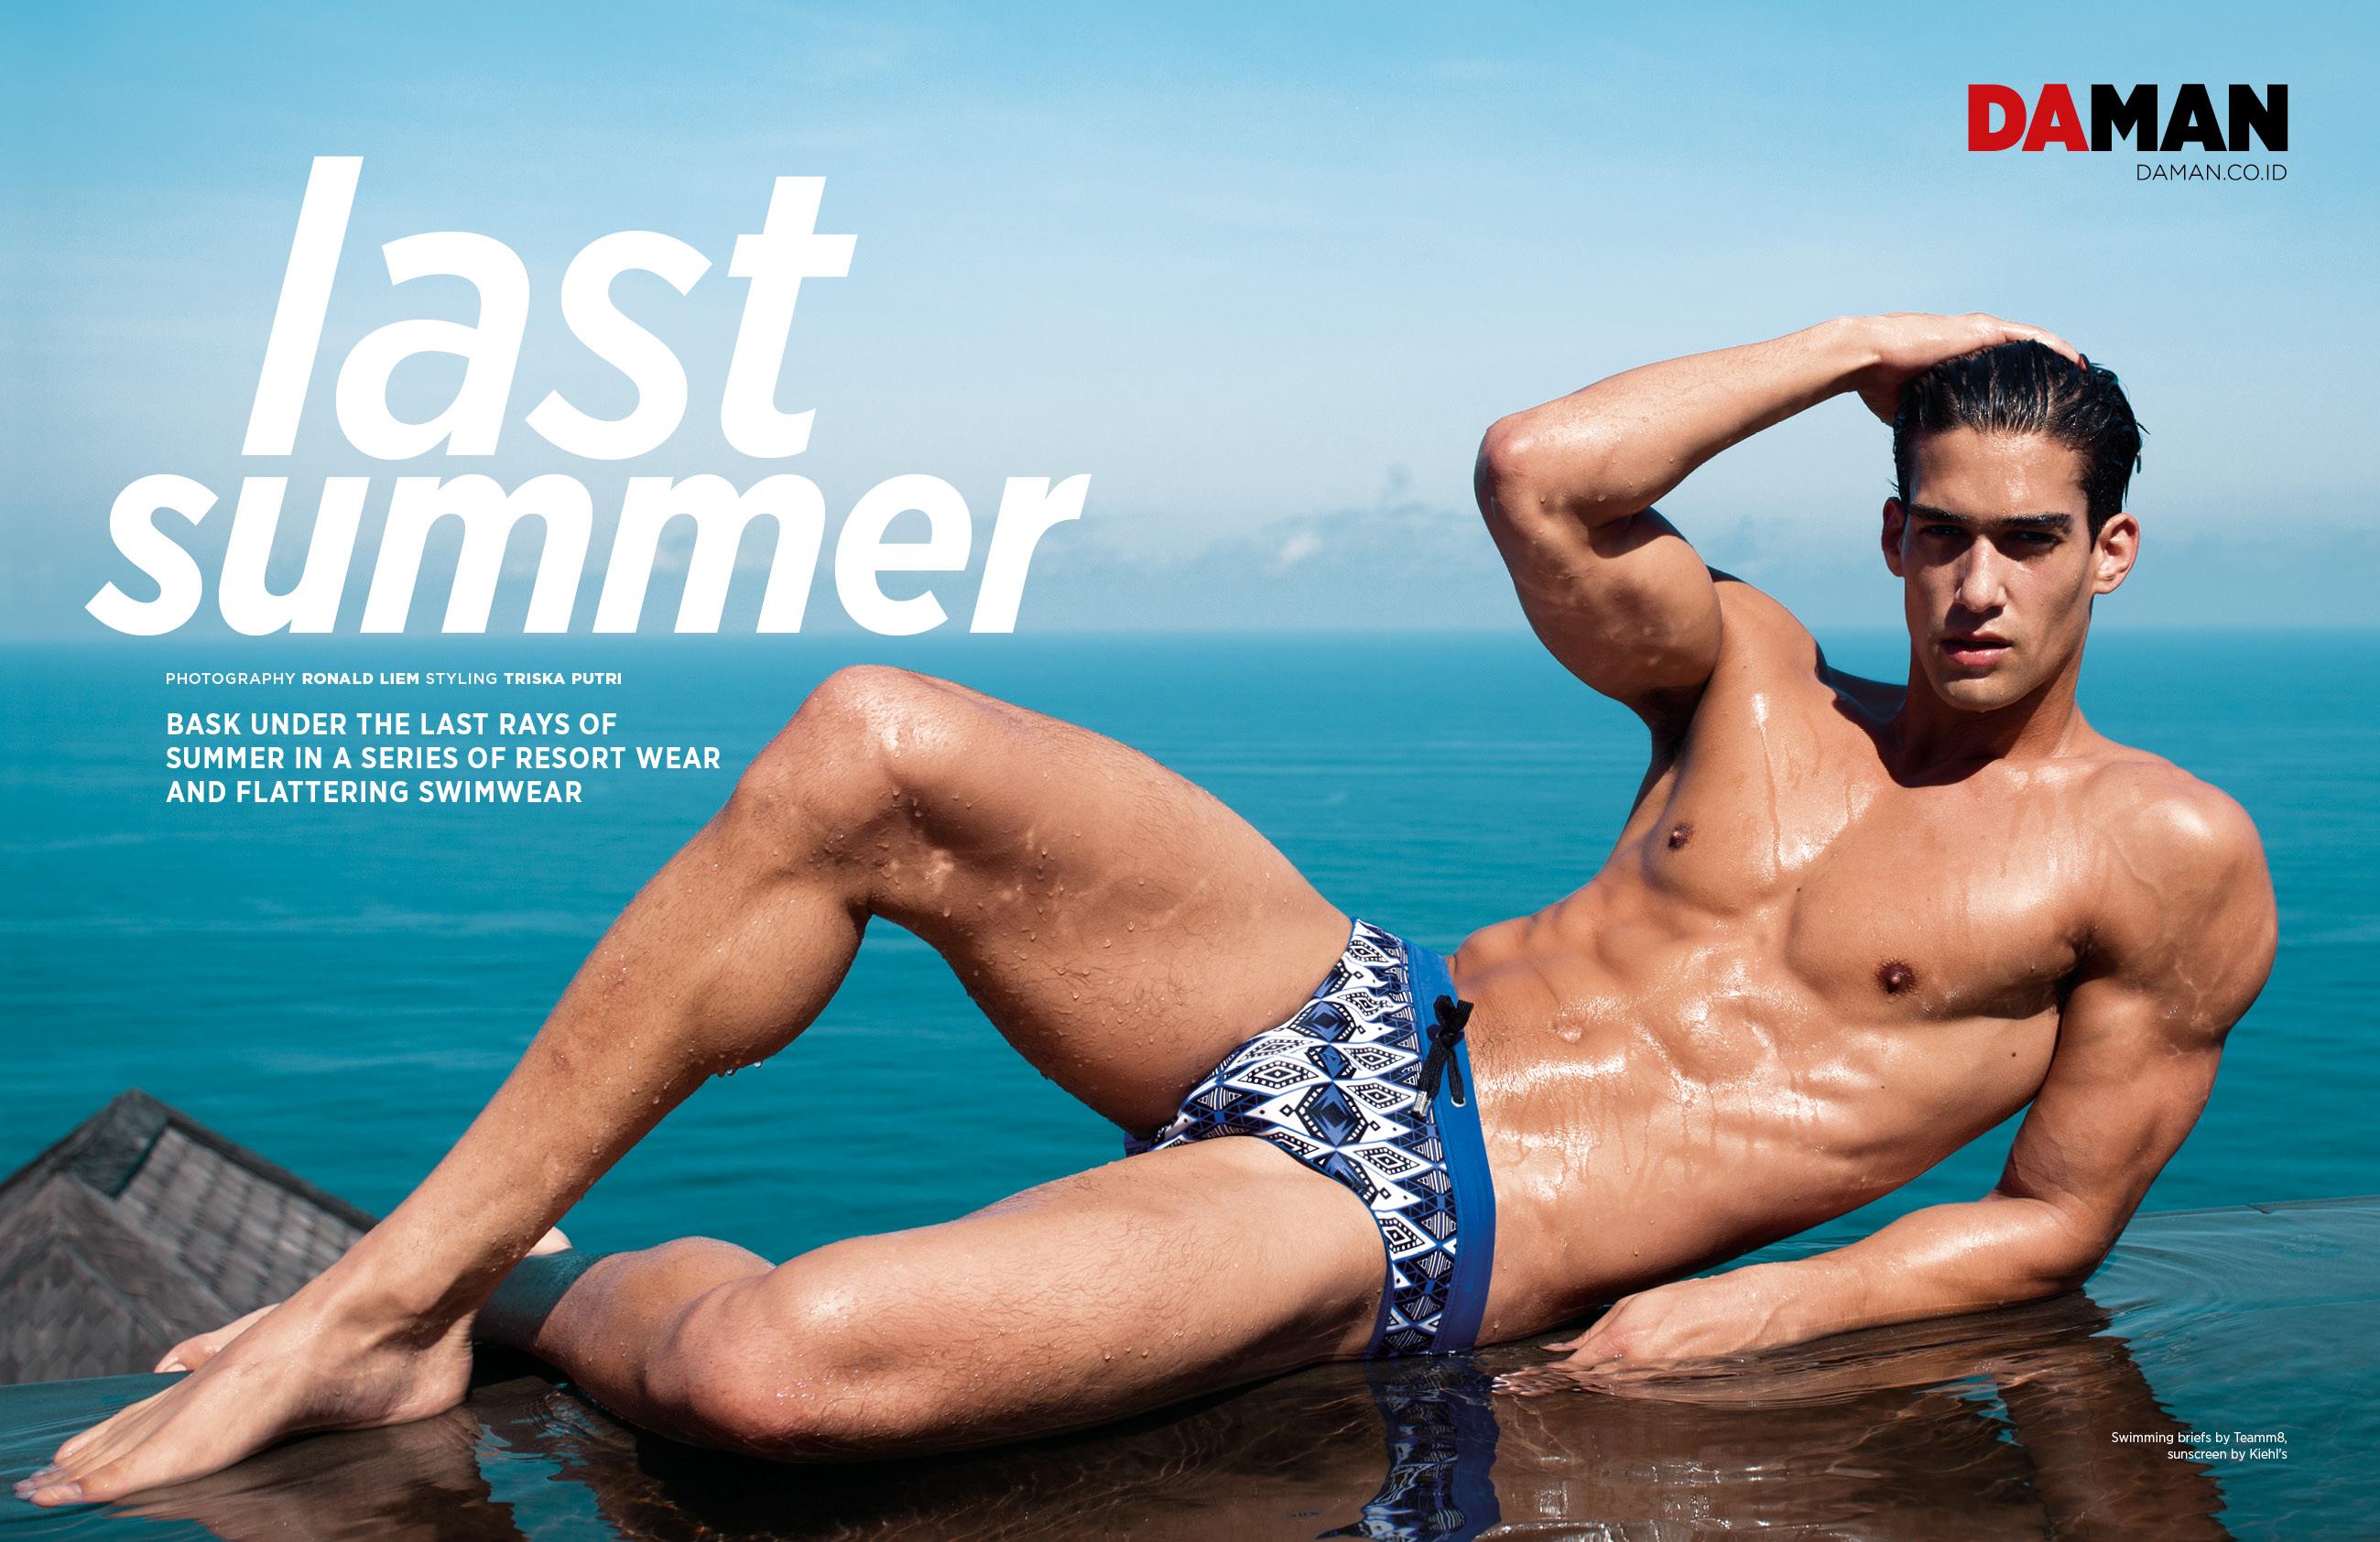 Fashion Spread: Last Summer